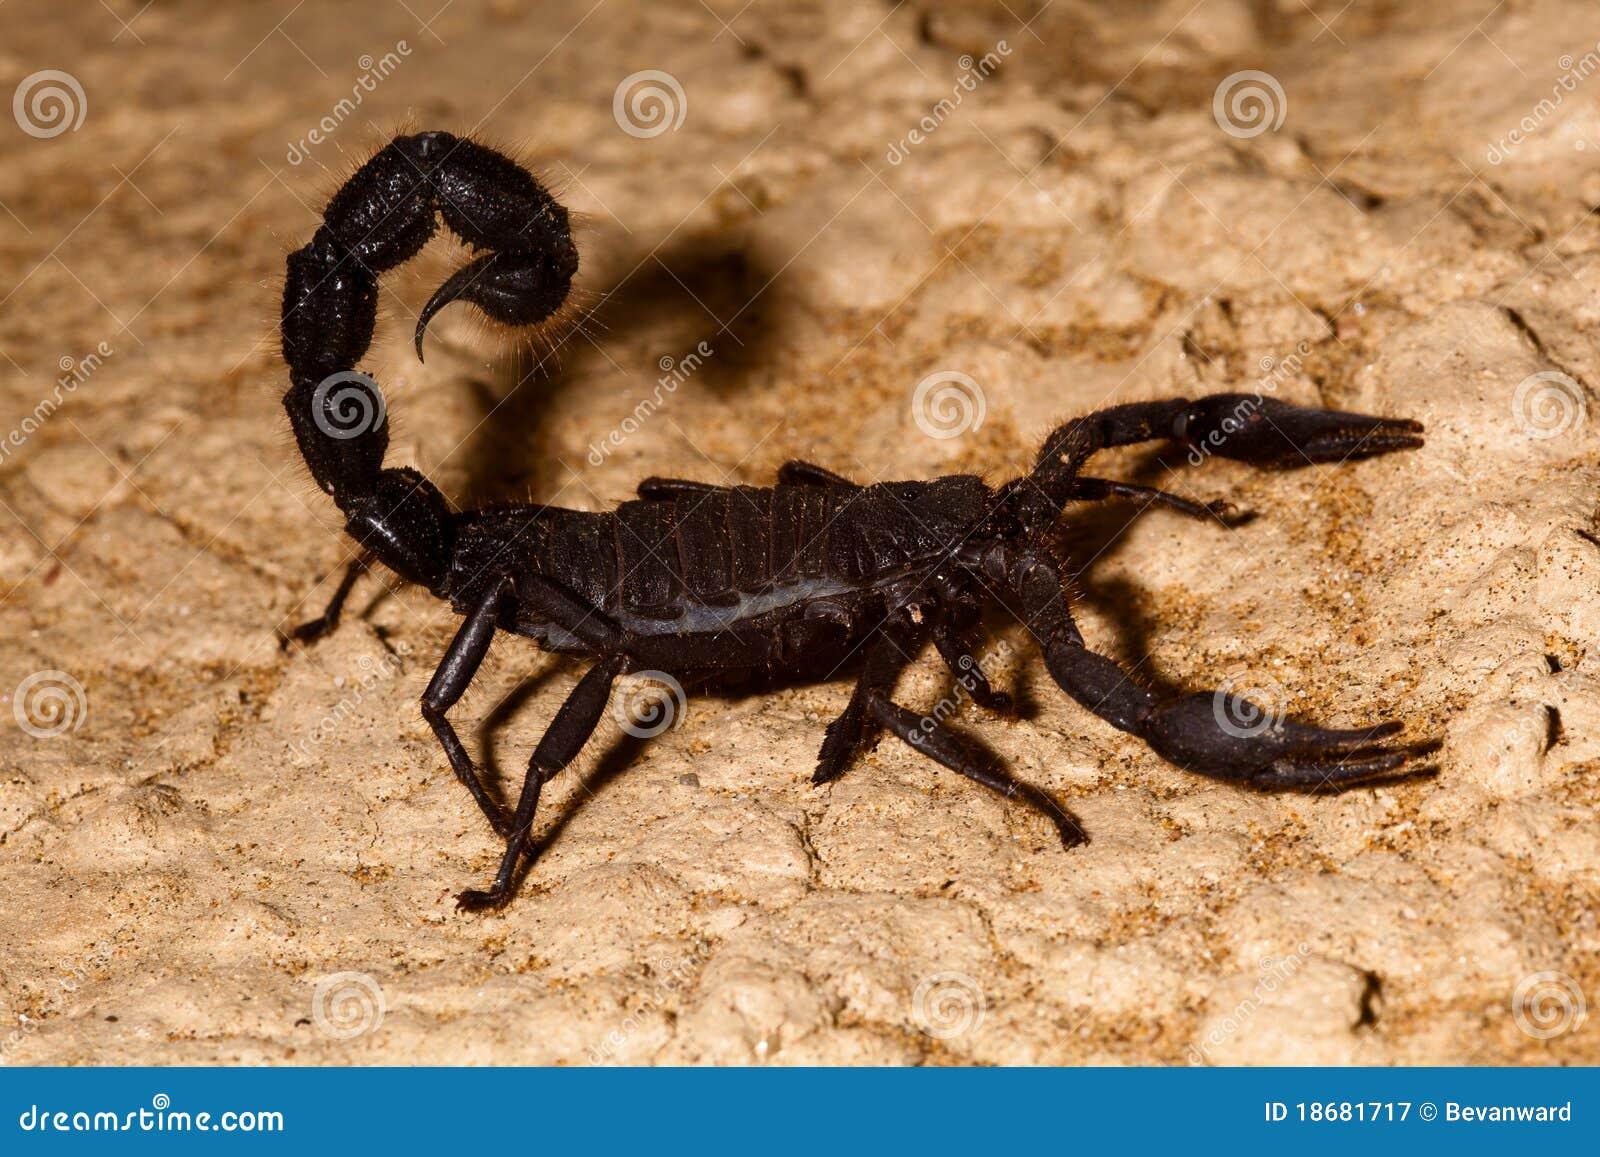 Escorpión con la cola levantada